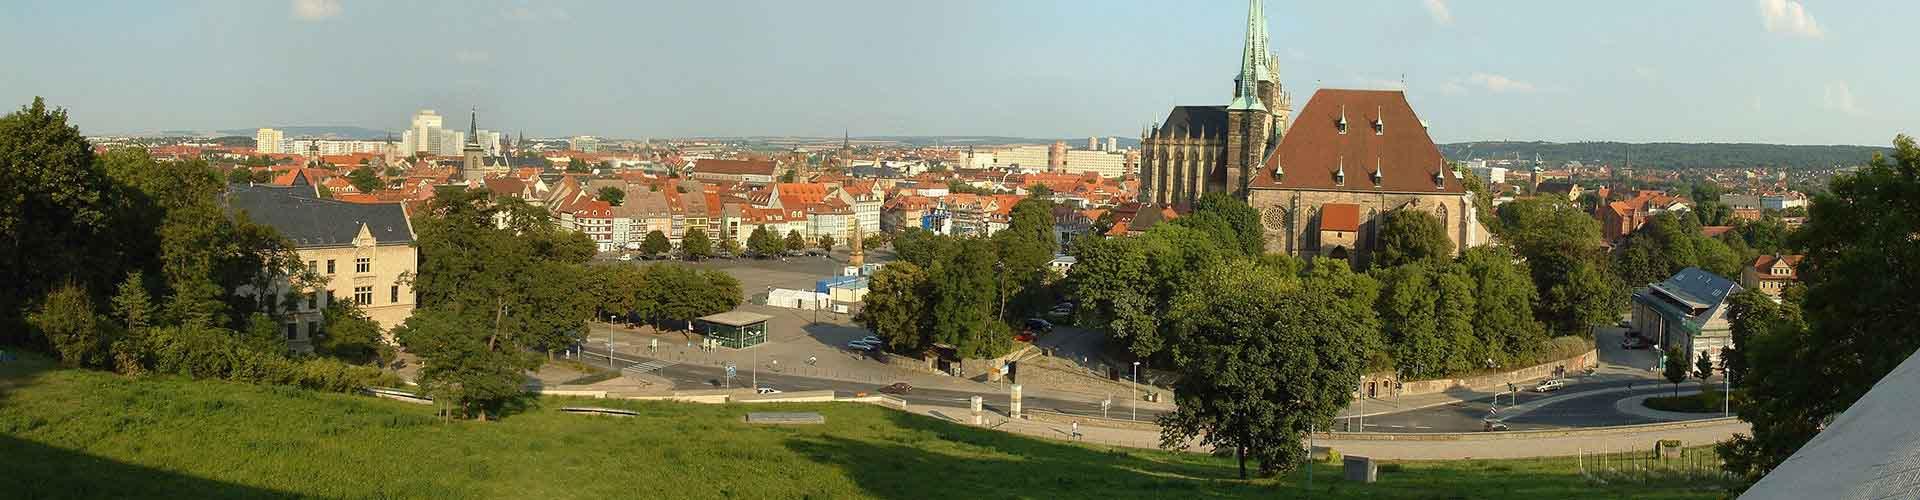 Erfurt - Hostales en Erfurt. Mapas de Erfurt, Fotos y comentarios de cada Hostal en Erfurt.